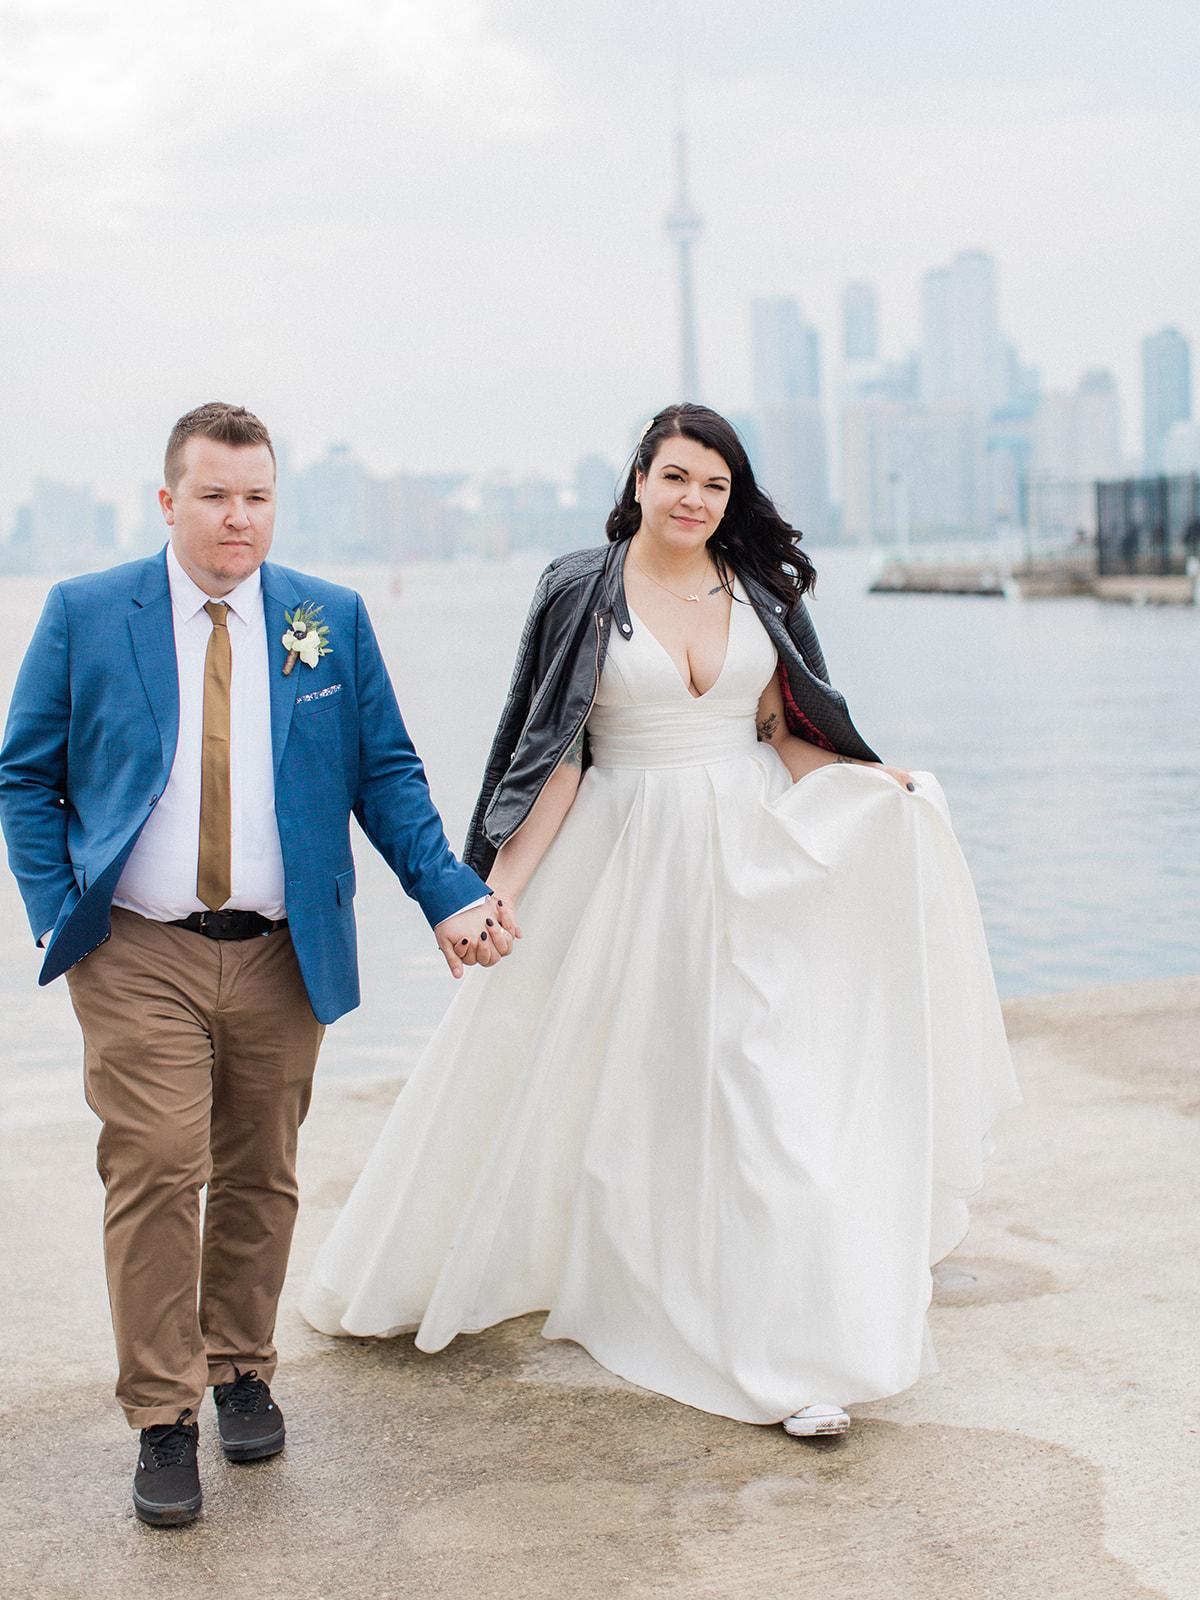 Courtney & Matt Wedding 2019-512_websize.jpg